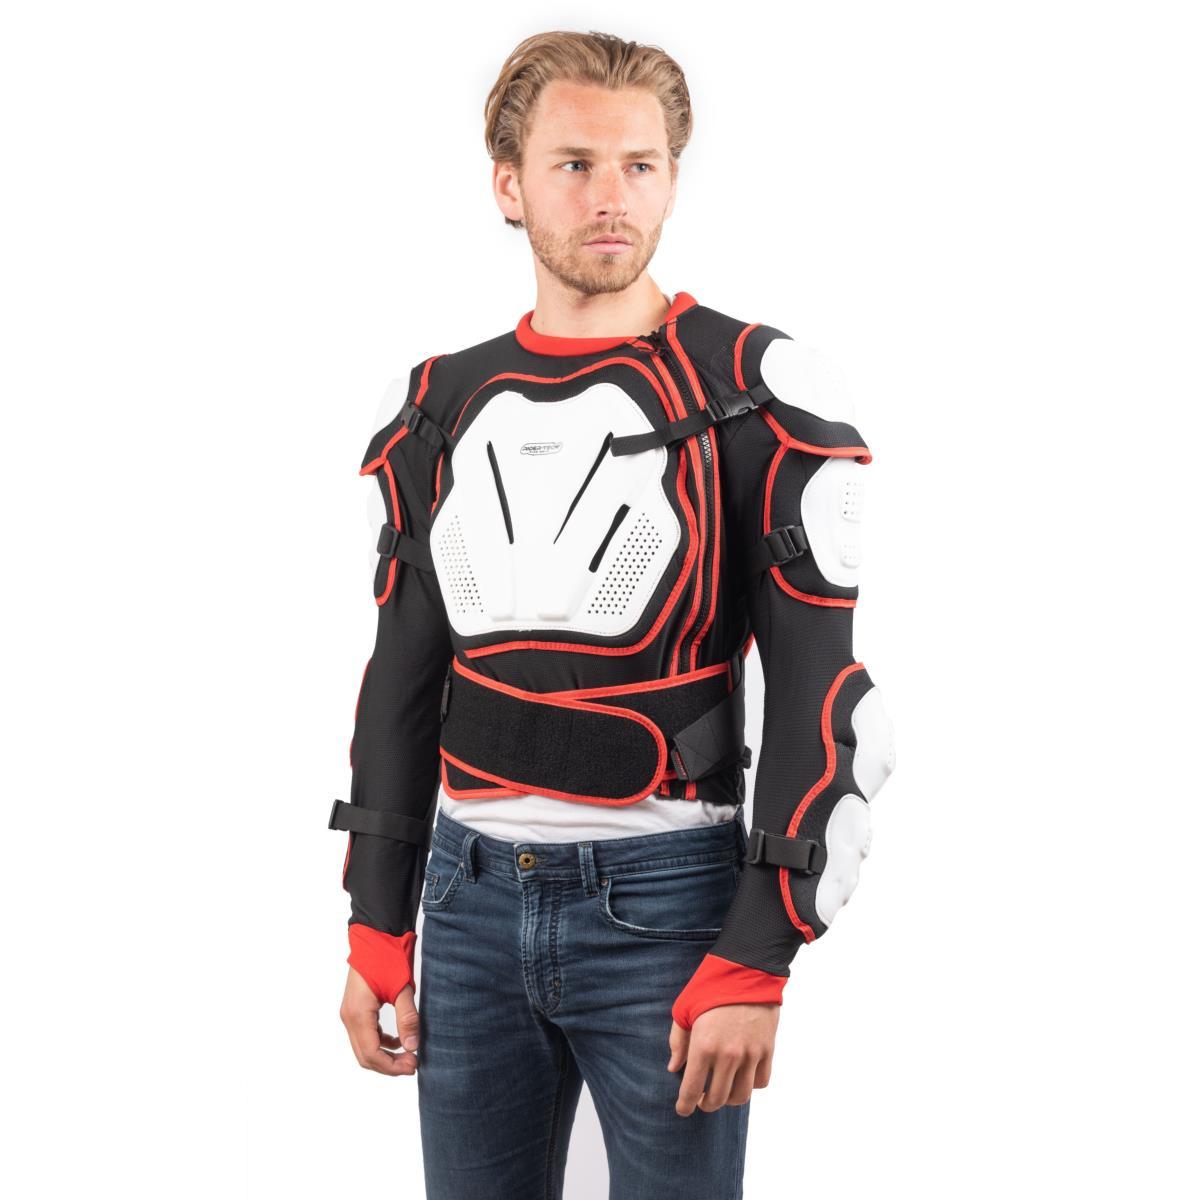 Armure de Protection Unisexe Cross Shield Rider-Tec Noir et Rouge